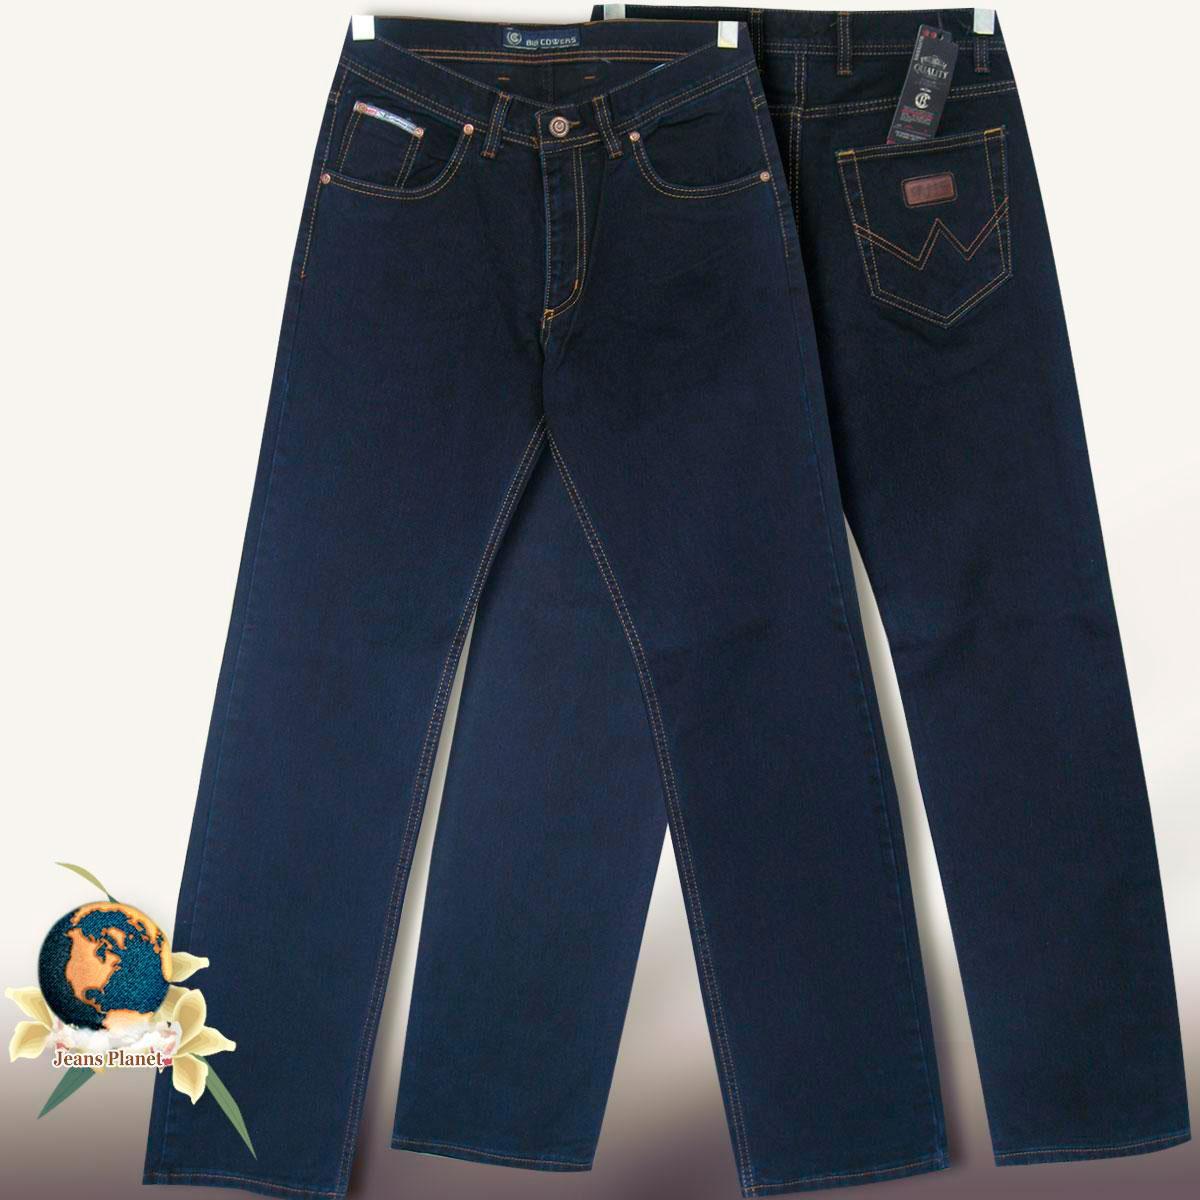 cfc58b6194f Джинсы мужские классические прямые тёмно-синие Big сovers стиль Wrangler